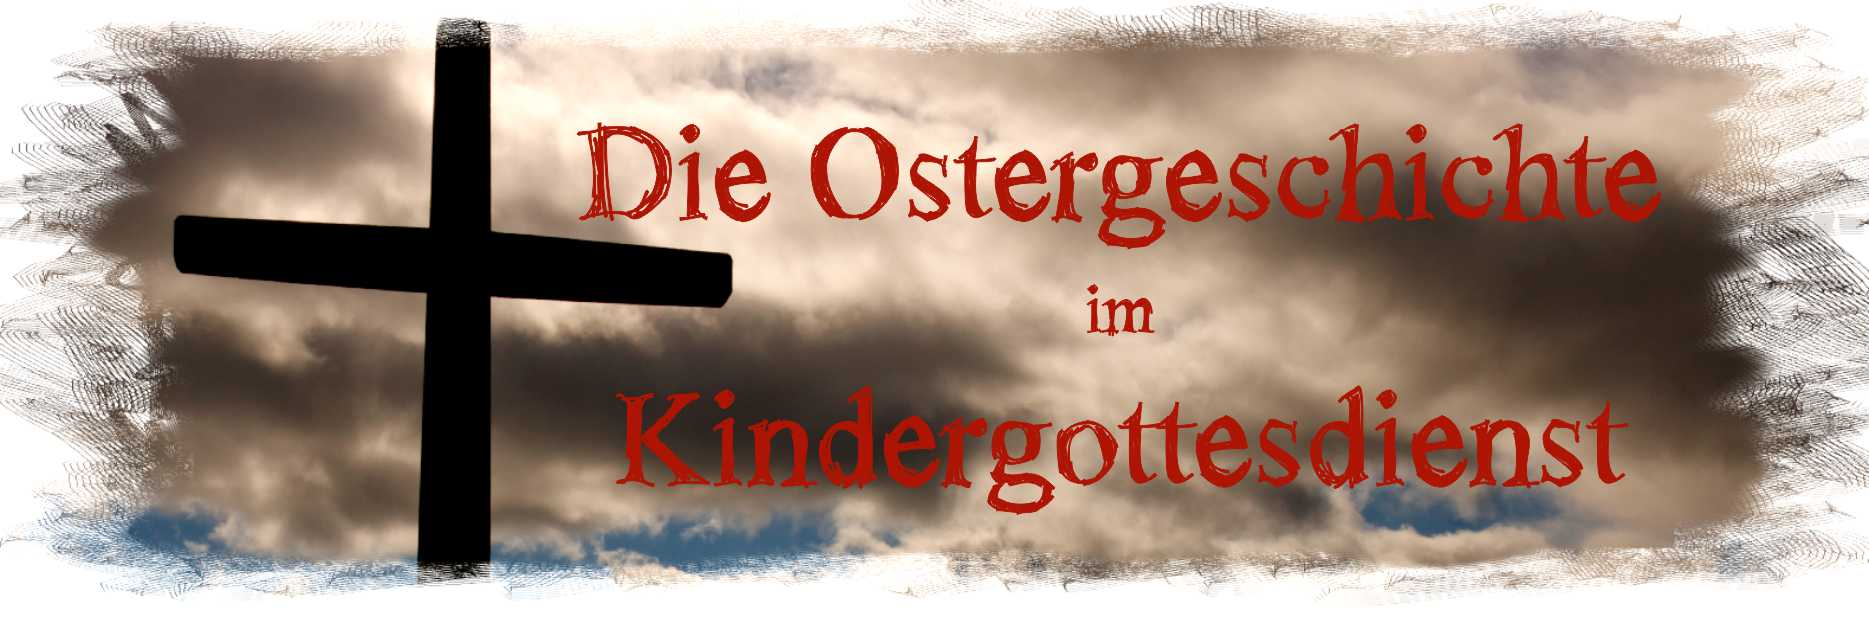 Ostergeschichte im Kindergottesdienst